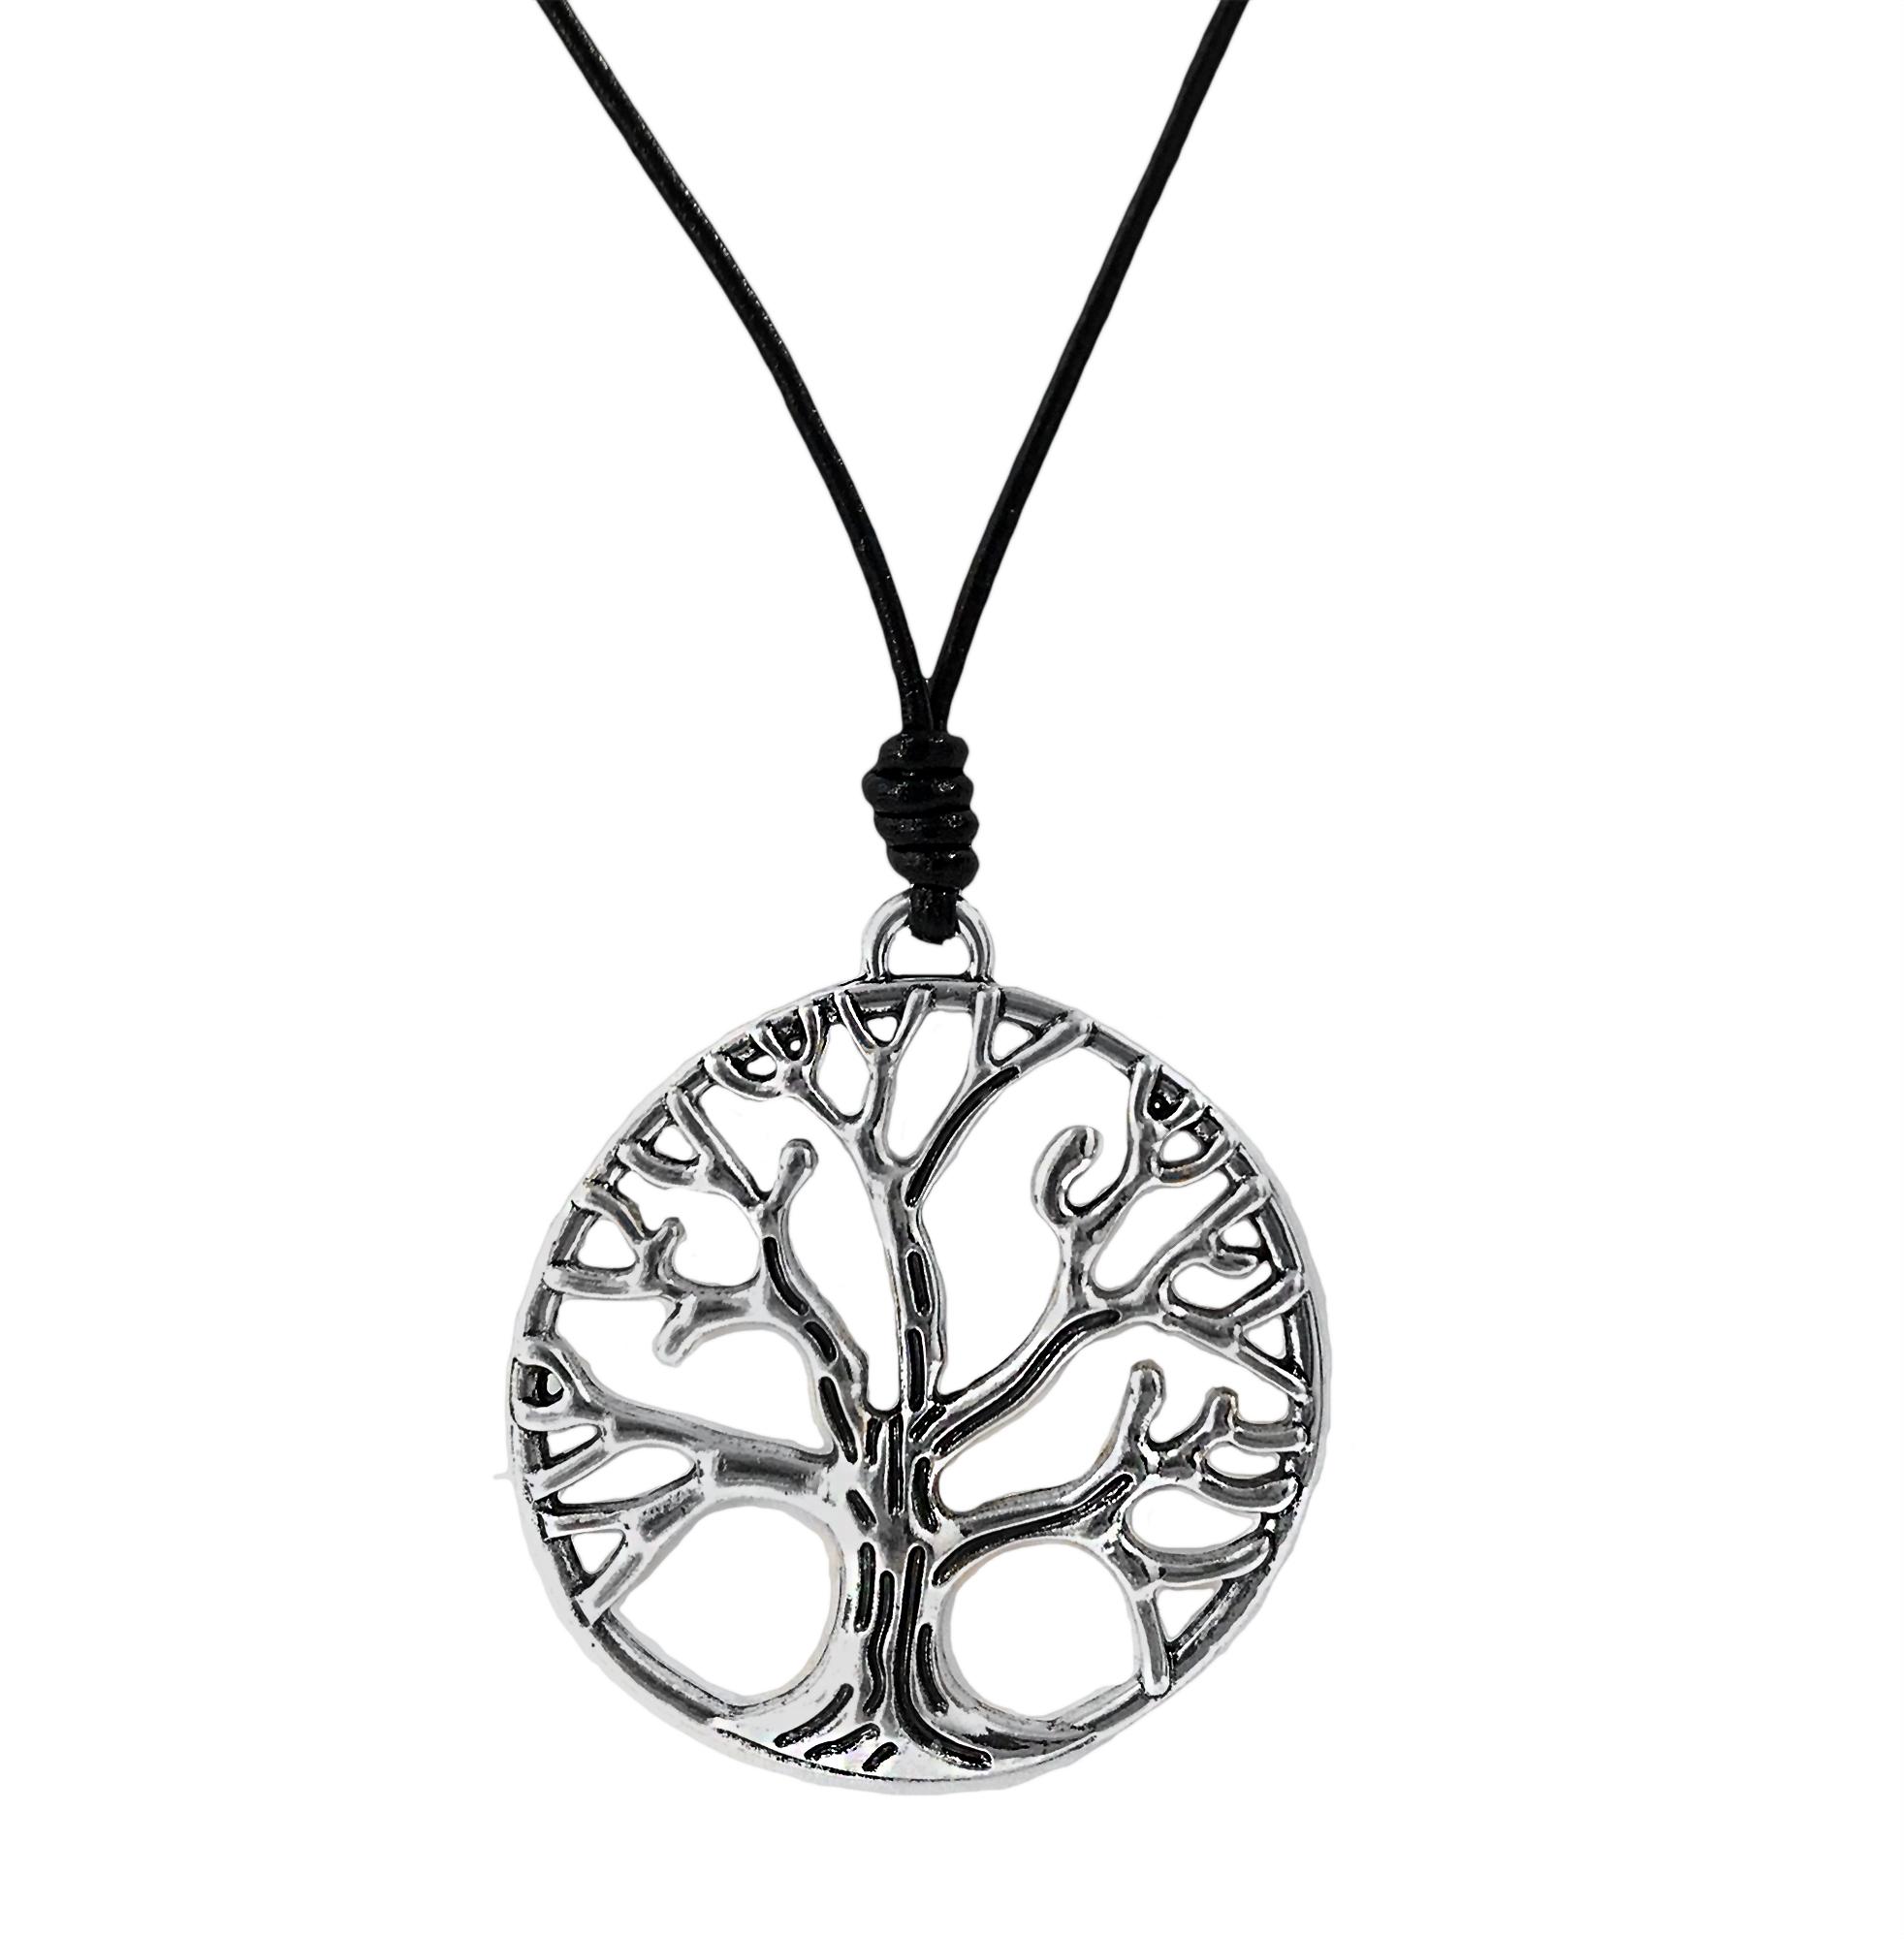 Kette lange Halskette Lederlook schwarz Lebensbaum silber K1468